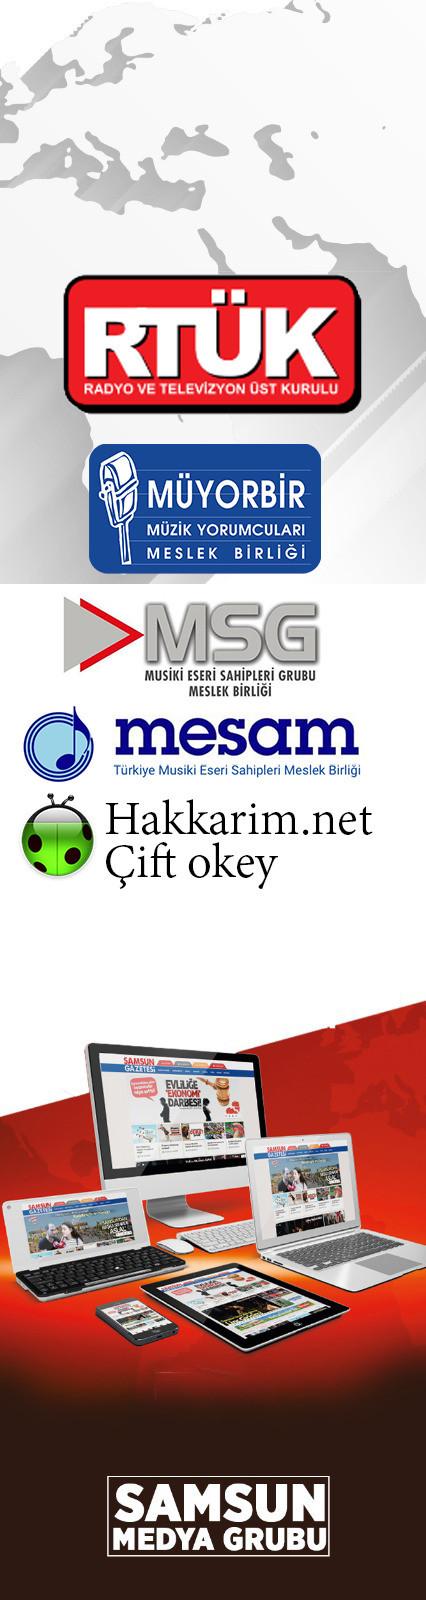 https://www.hakkarim.net/